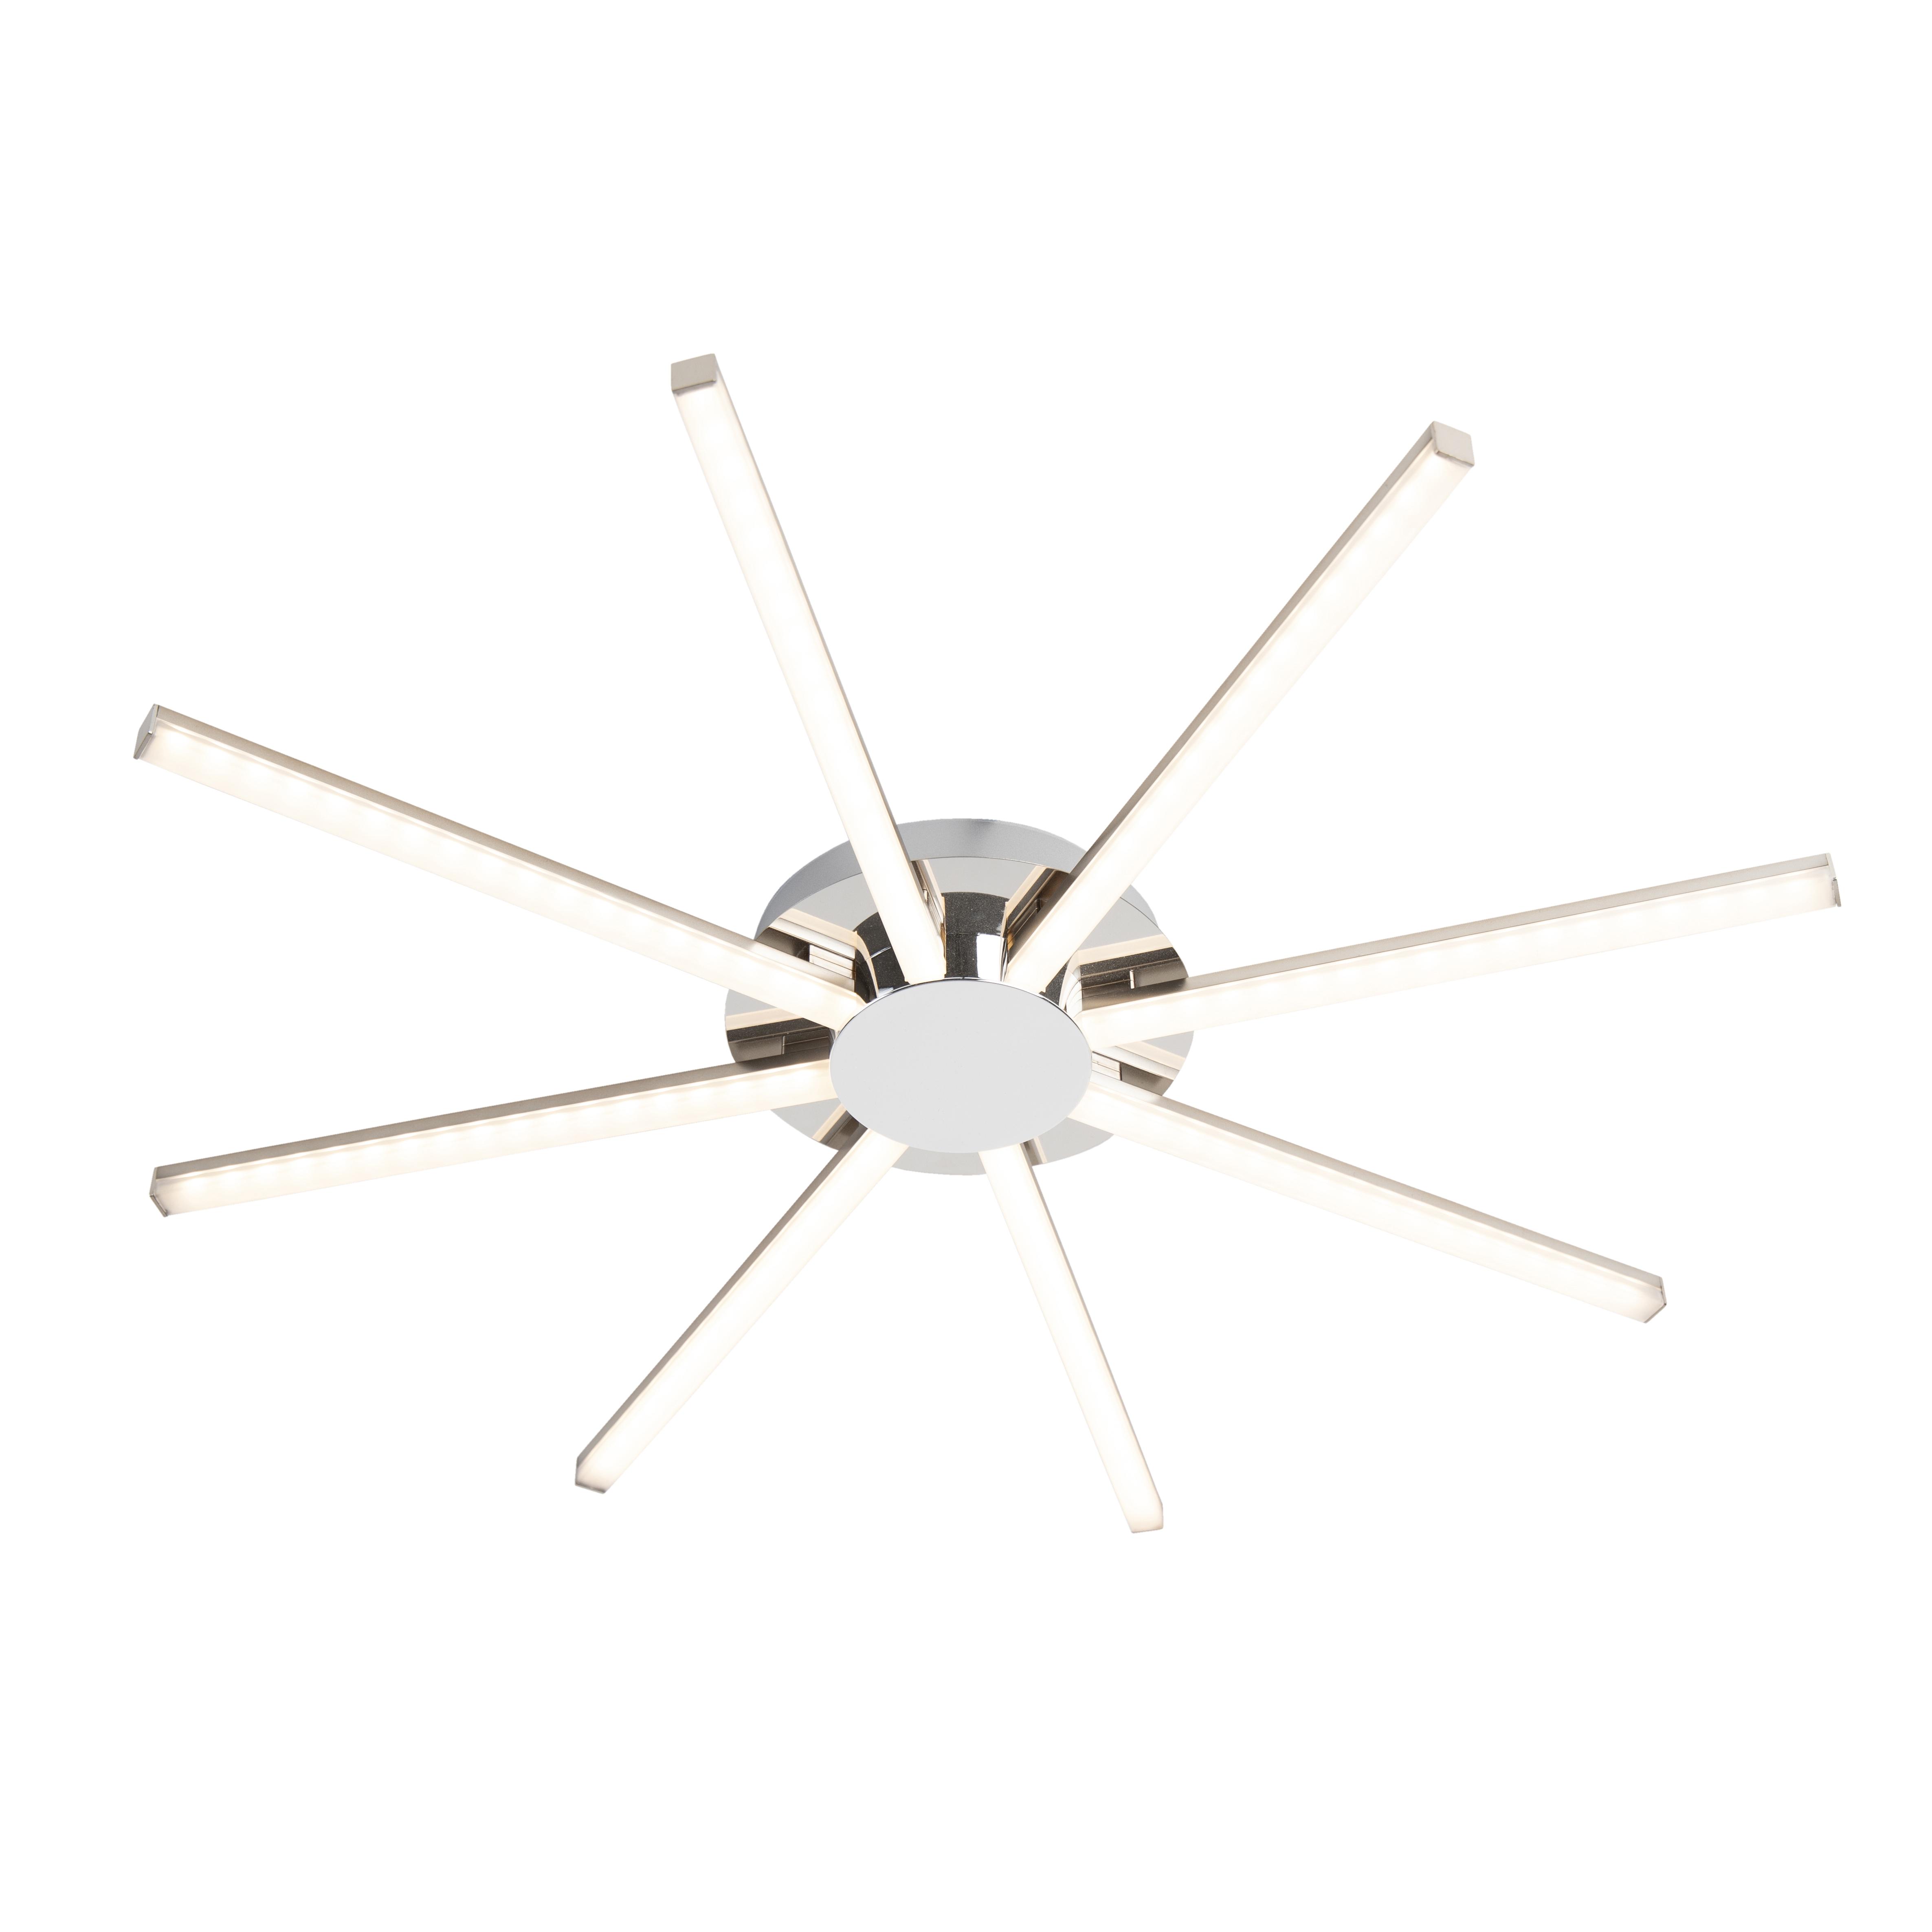 Design plafondlamp staal incl. LED - Simona otto